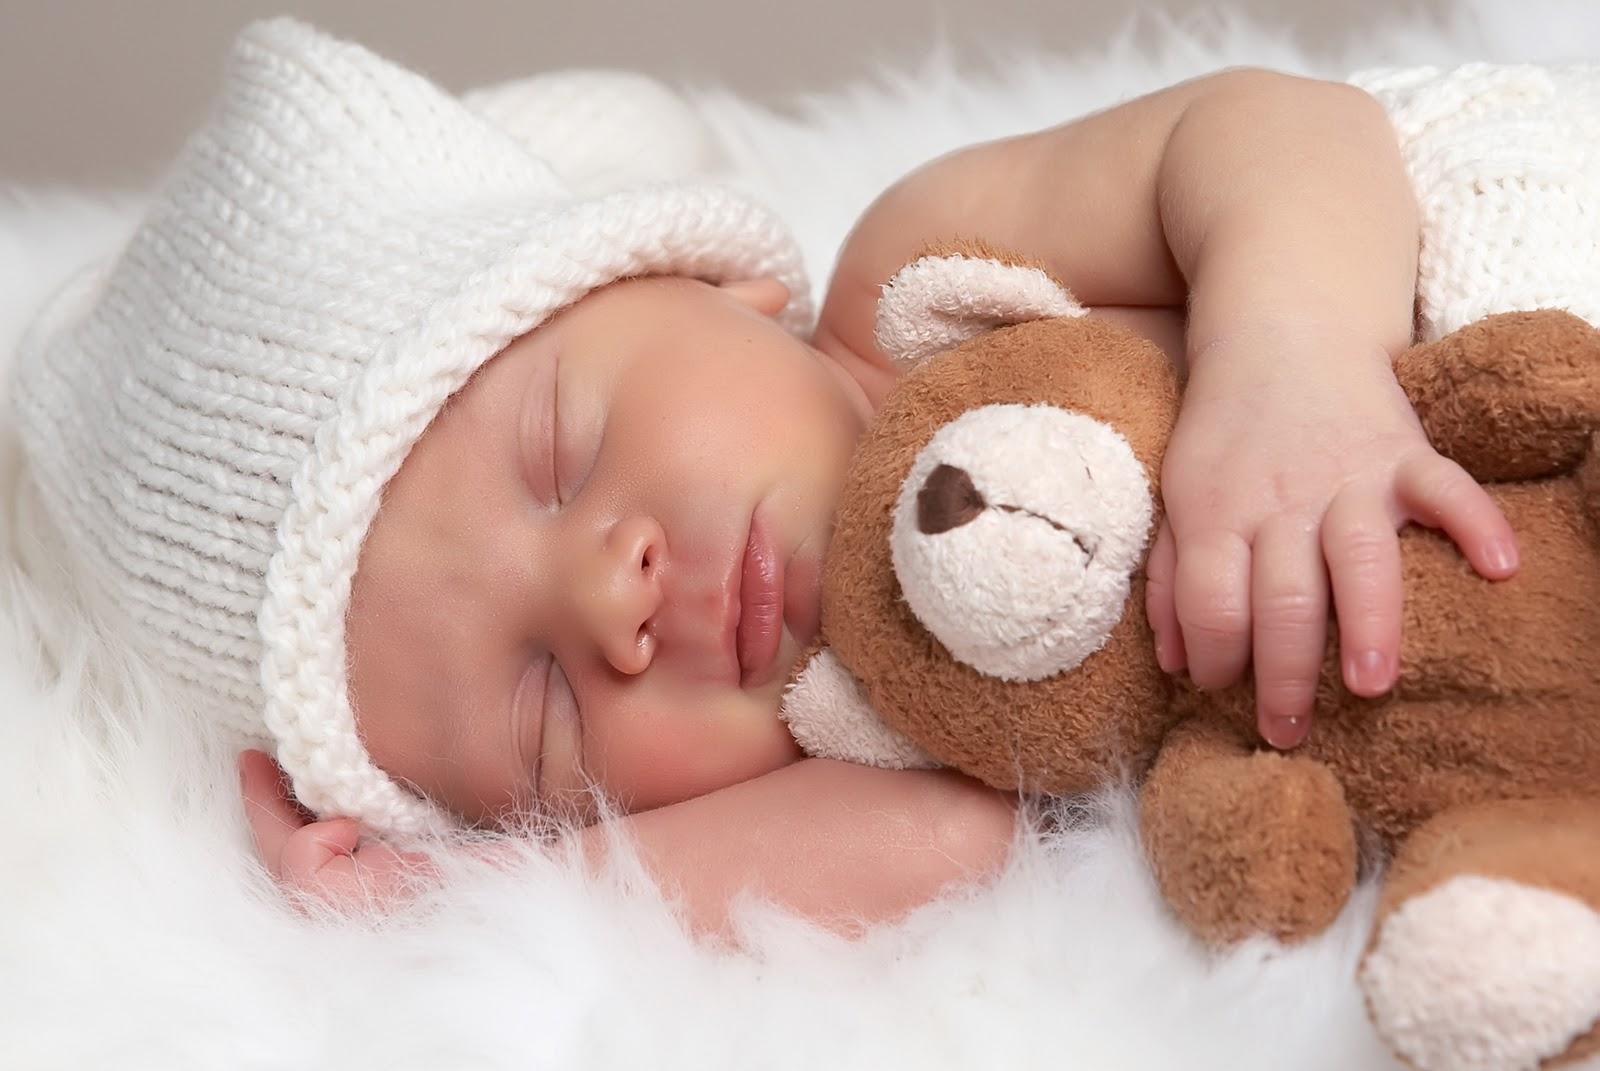 http://4.bp.blogspot.com/_WOWQJUlRtKQ/TO4ESOfZYrI/AAAAAAAAAGE/7v4fhMmMYj4/s1600/baby%252B%252525283%25252529.jpg